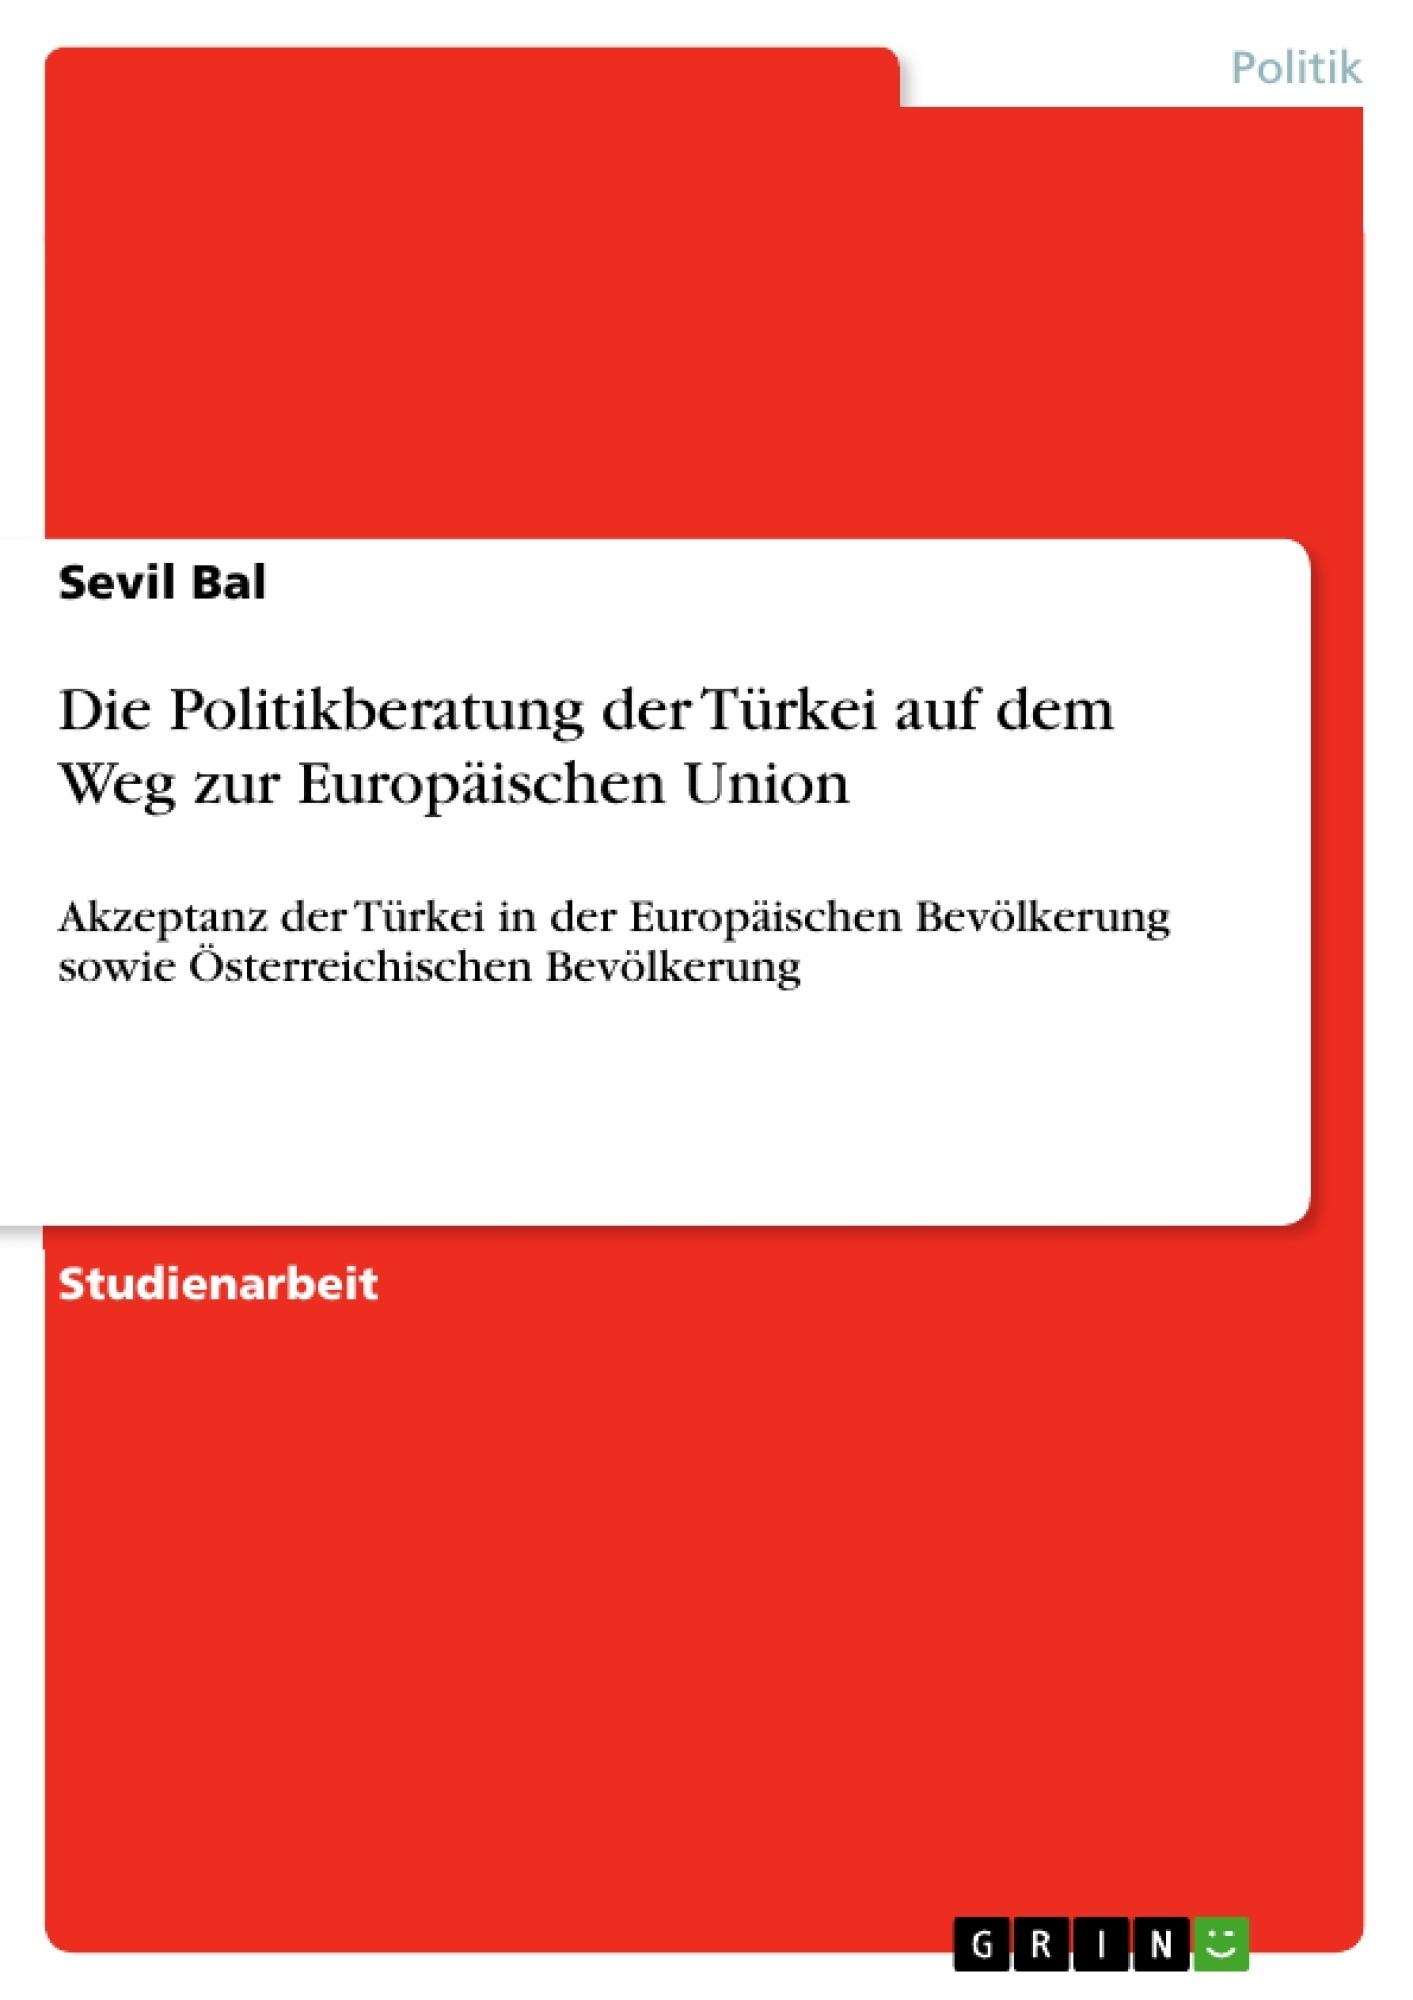 Titel: Die Politikberatung der Türkei auf dem Weg zur Europäischen Union